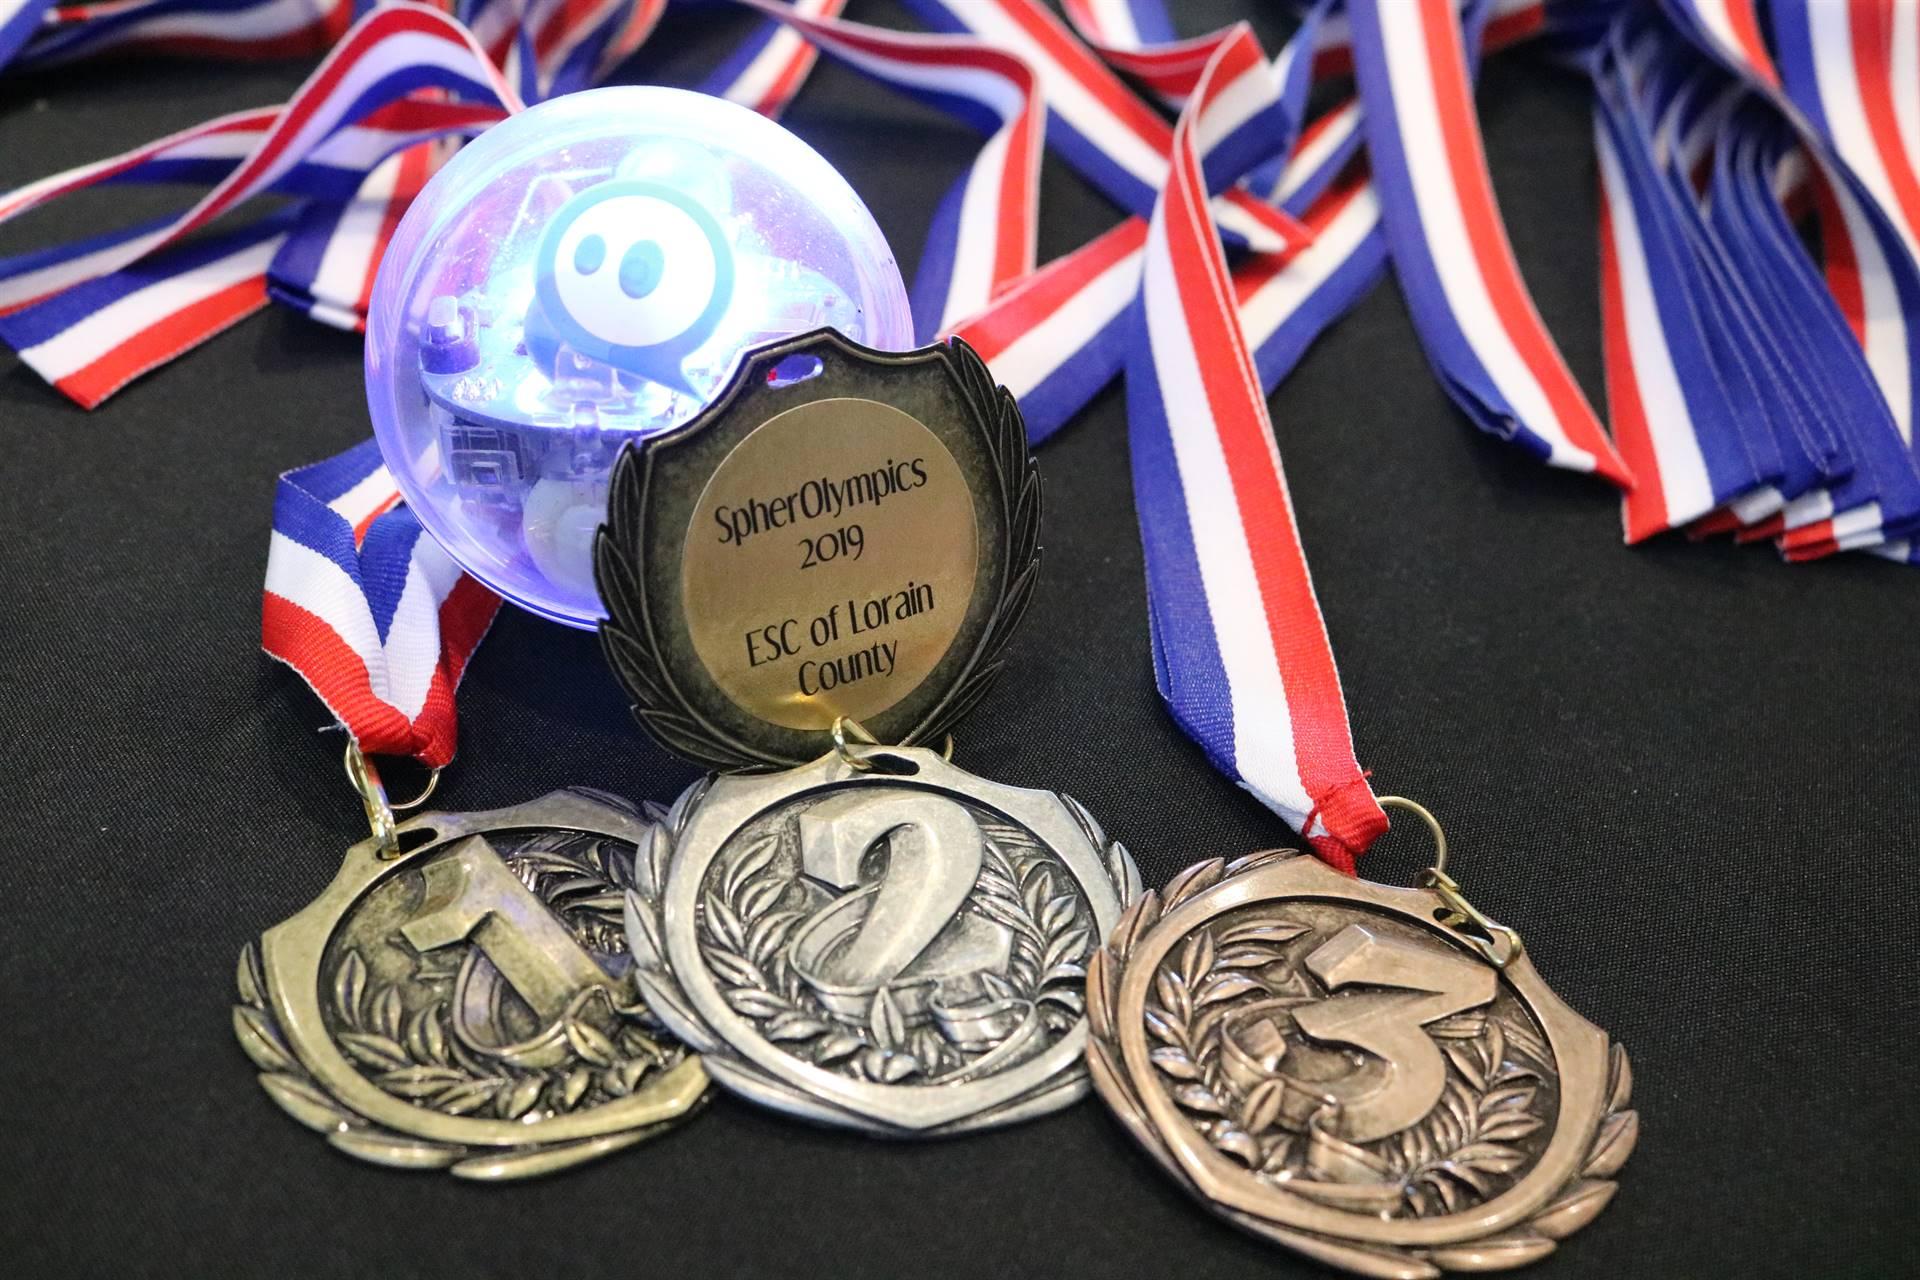 1-2-3 medals